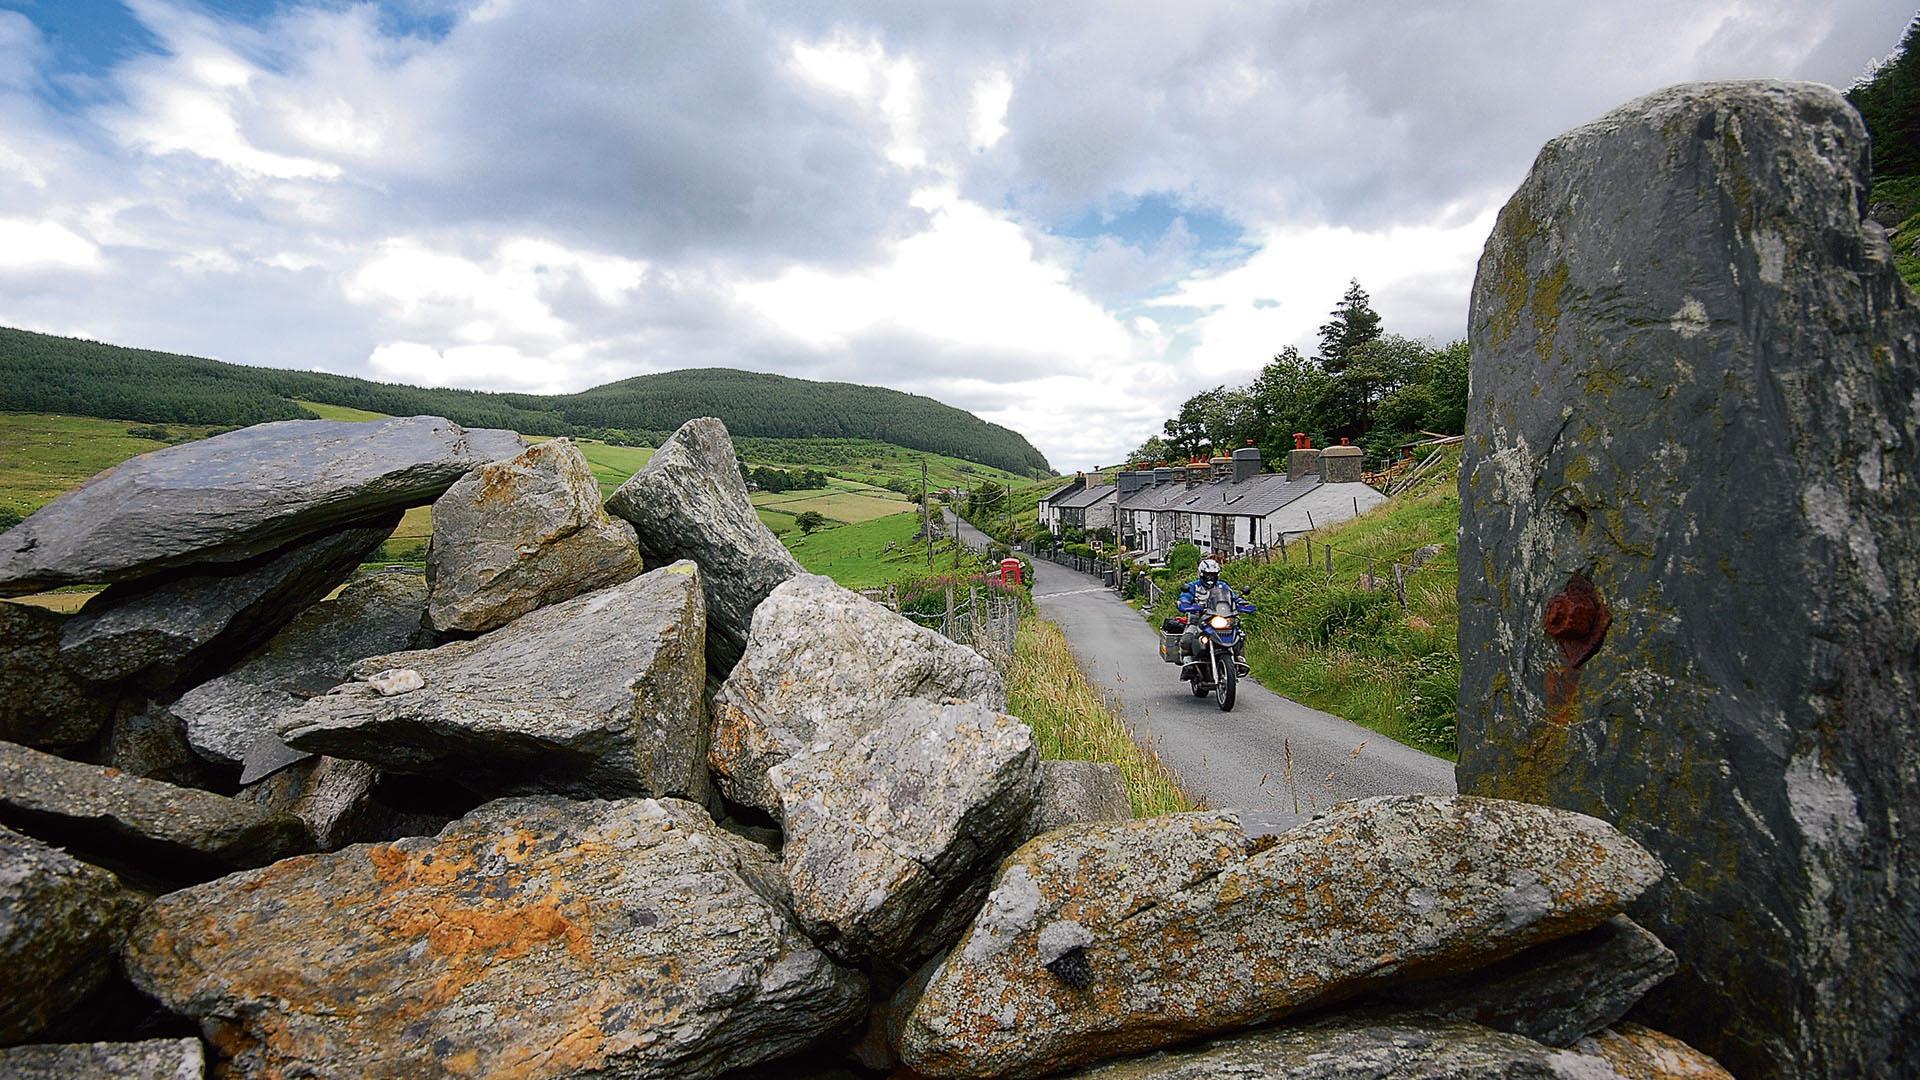 Tour 2: Wales